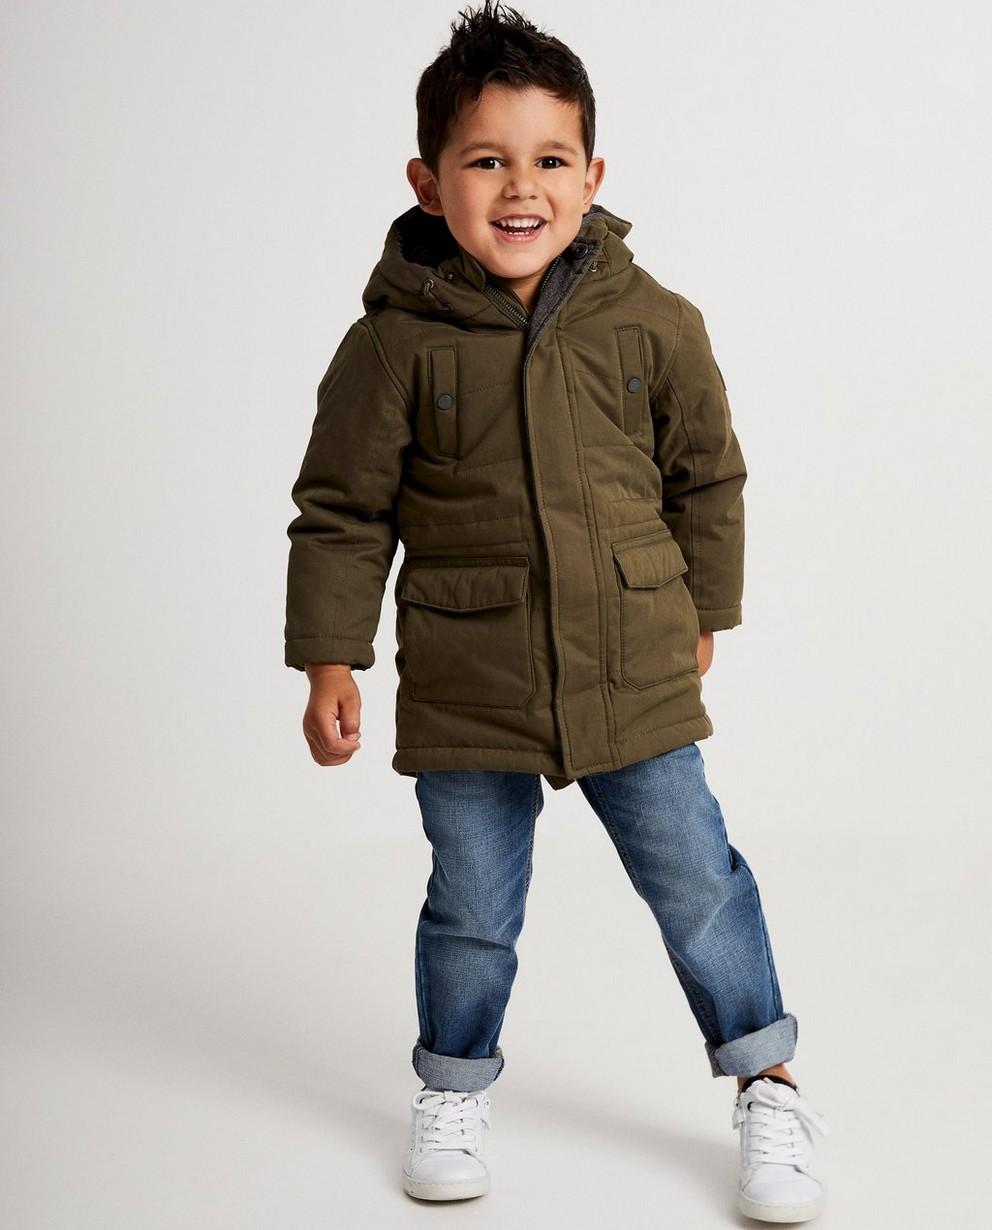 Lange donkerblauwe jas - lang model - JBC